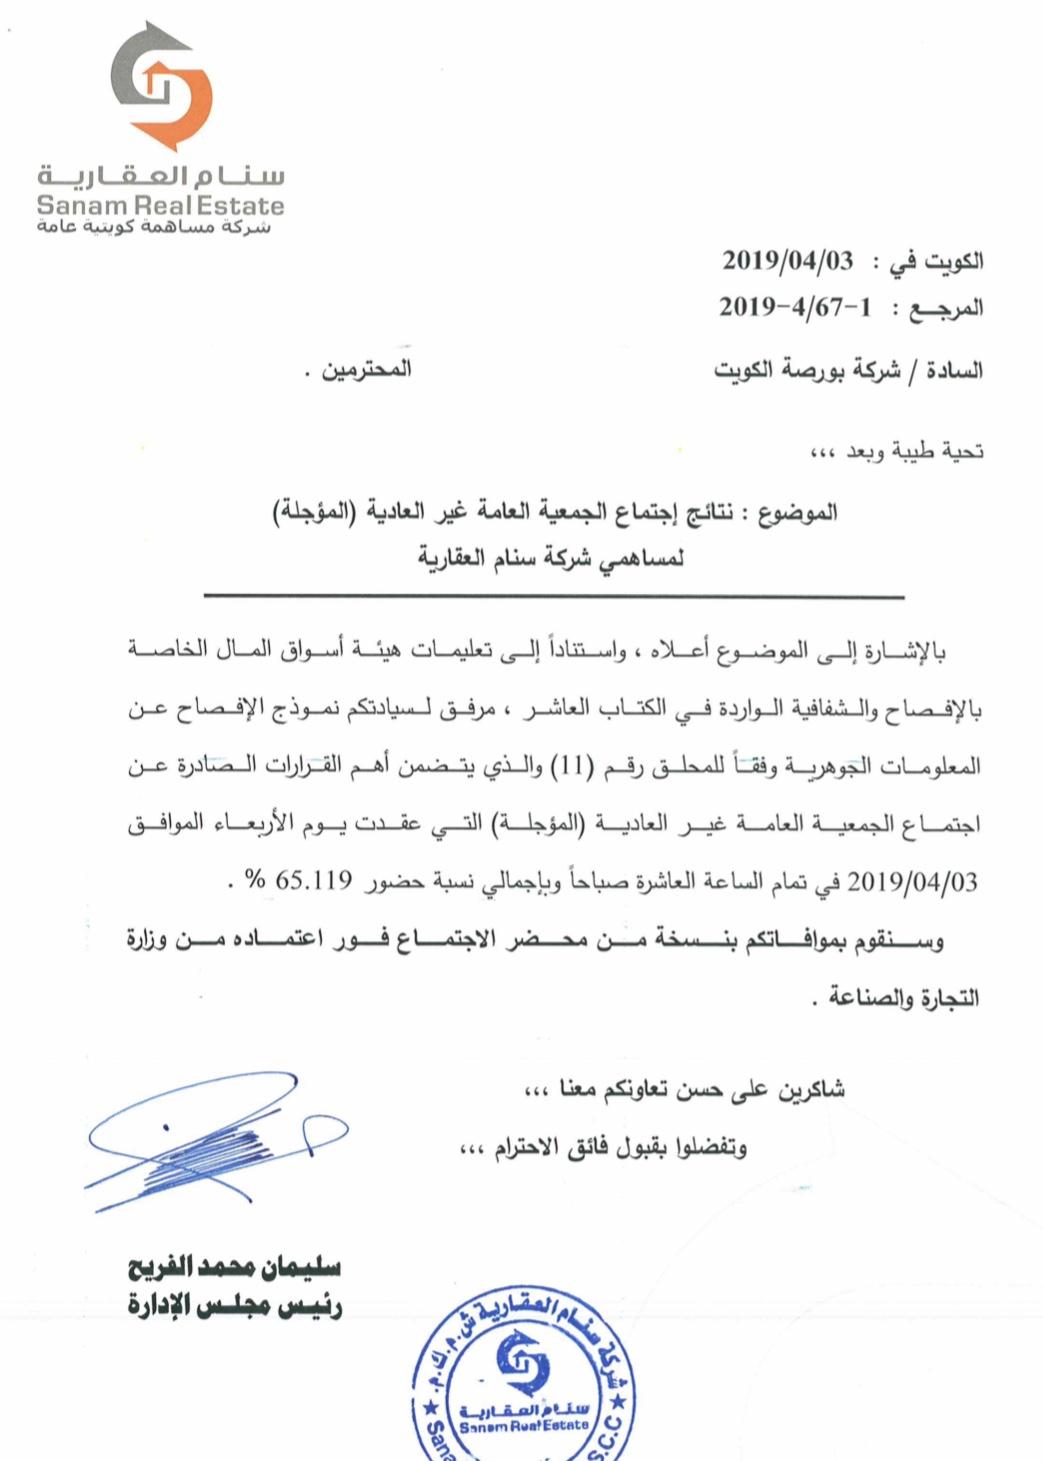 نموذج نماذج وزارة التجارة والصناعة الكويت